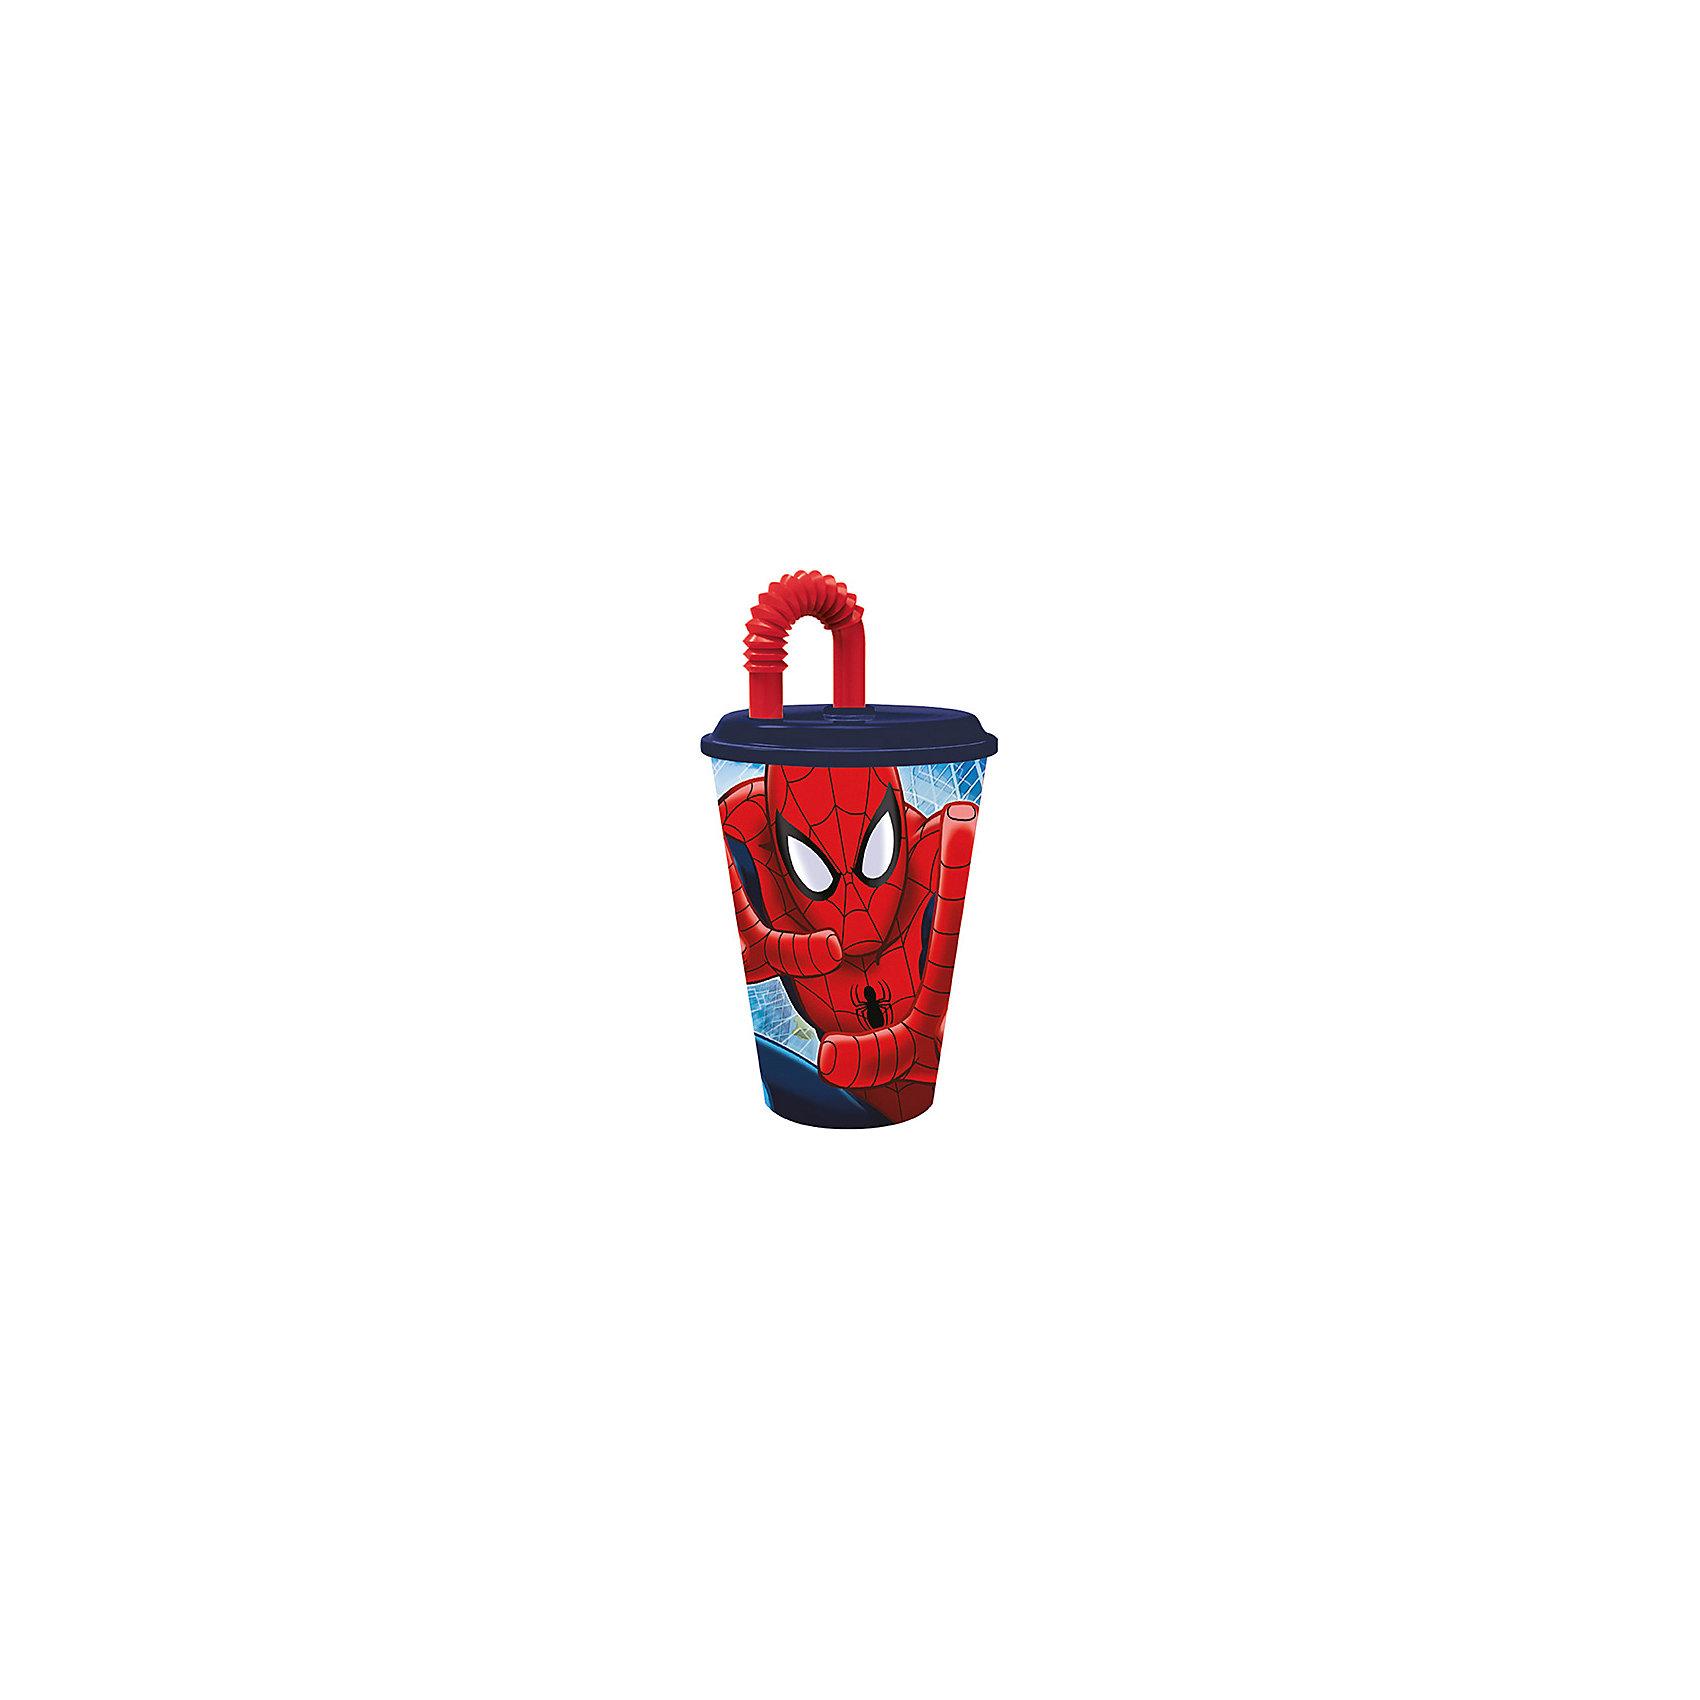 Бокал с крышкой и трубочкой  Человек-Паук 450мл., DisneyЧеловек-Паук<br>Бокал с крышкой и трубочкой  Человек-Паук 450мл., Disney.<br><br>Характеристики:<br><br>• Объем: 450 мл.<br>• Материал: пищевой пластик<br><br>Бокал с крышкой и гофрированной трубочкой, украшенный 3Д изображением Человека-Паука, хорошее решение для детей, которые предпочитают активный образ жизни. Он достаточно объёмный и пить и него можно даже во время ходьбы или катания на велосипеде, не проливая ни капли жидкости. На крышке изделия предусмотрено специальное отверстие, в которое можно убрать кончик трубочки, чтобы на него не попала грязь. Бокал изготовлен из высококачественного пищевого пластика абсолютно безопасного для детей.<br><br>Бокал с крышкой и трубочкой  Человек-Паук 450мл., Disney можно купить в нашем интернет-магазине.<br><br>Ширина мм: 100<br>Глубина мм: 100<br>Высота мм: 180<br>Вес г: 75<br>Возраст от месяцев: 36<br>Возраст до месяцев: 2147483647<br>Пол: Унисекс<br>Возраст: Детский<br>SKU: 5480553